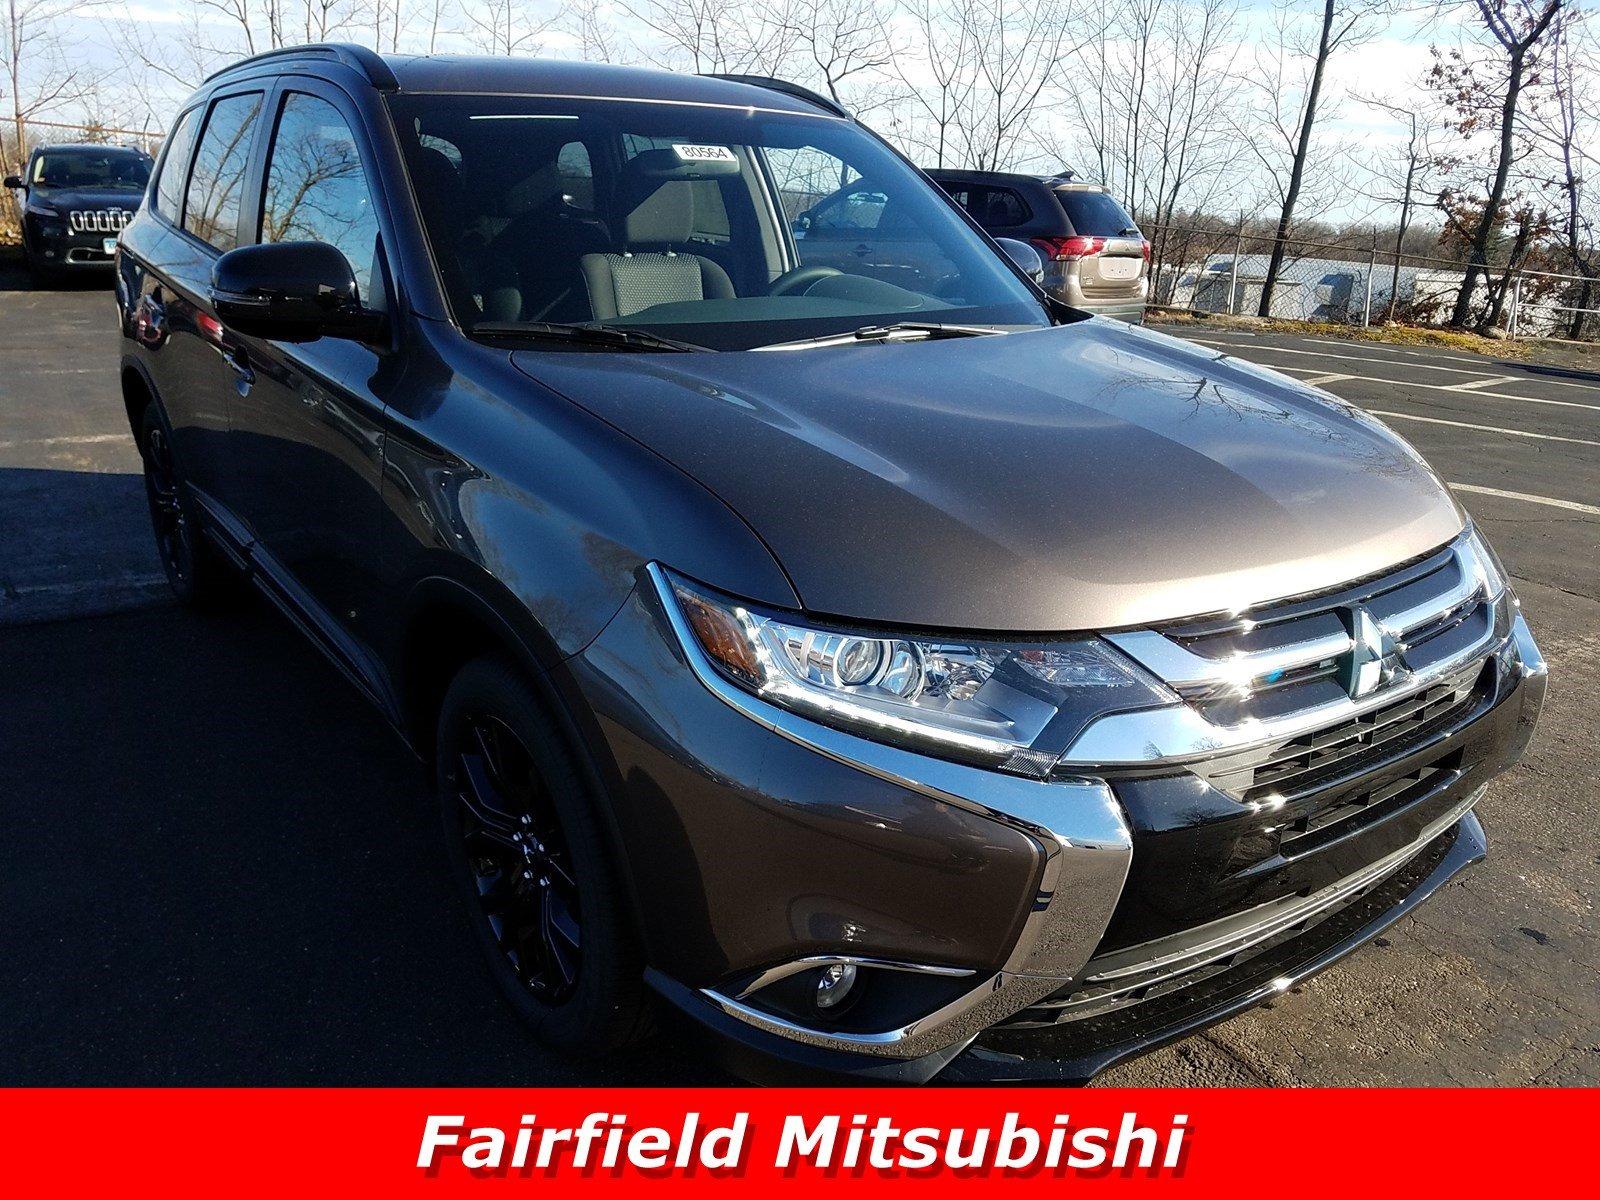 New 2018 Mitsubishi Outlander LE CUV | Fairfield CT | VIN ...